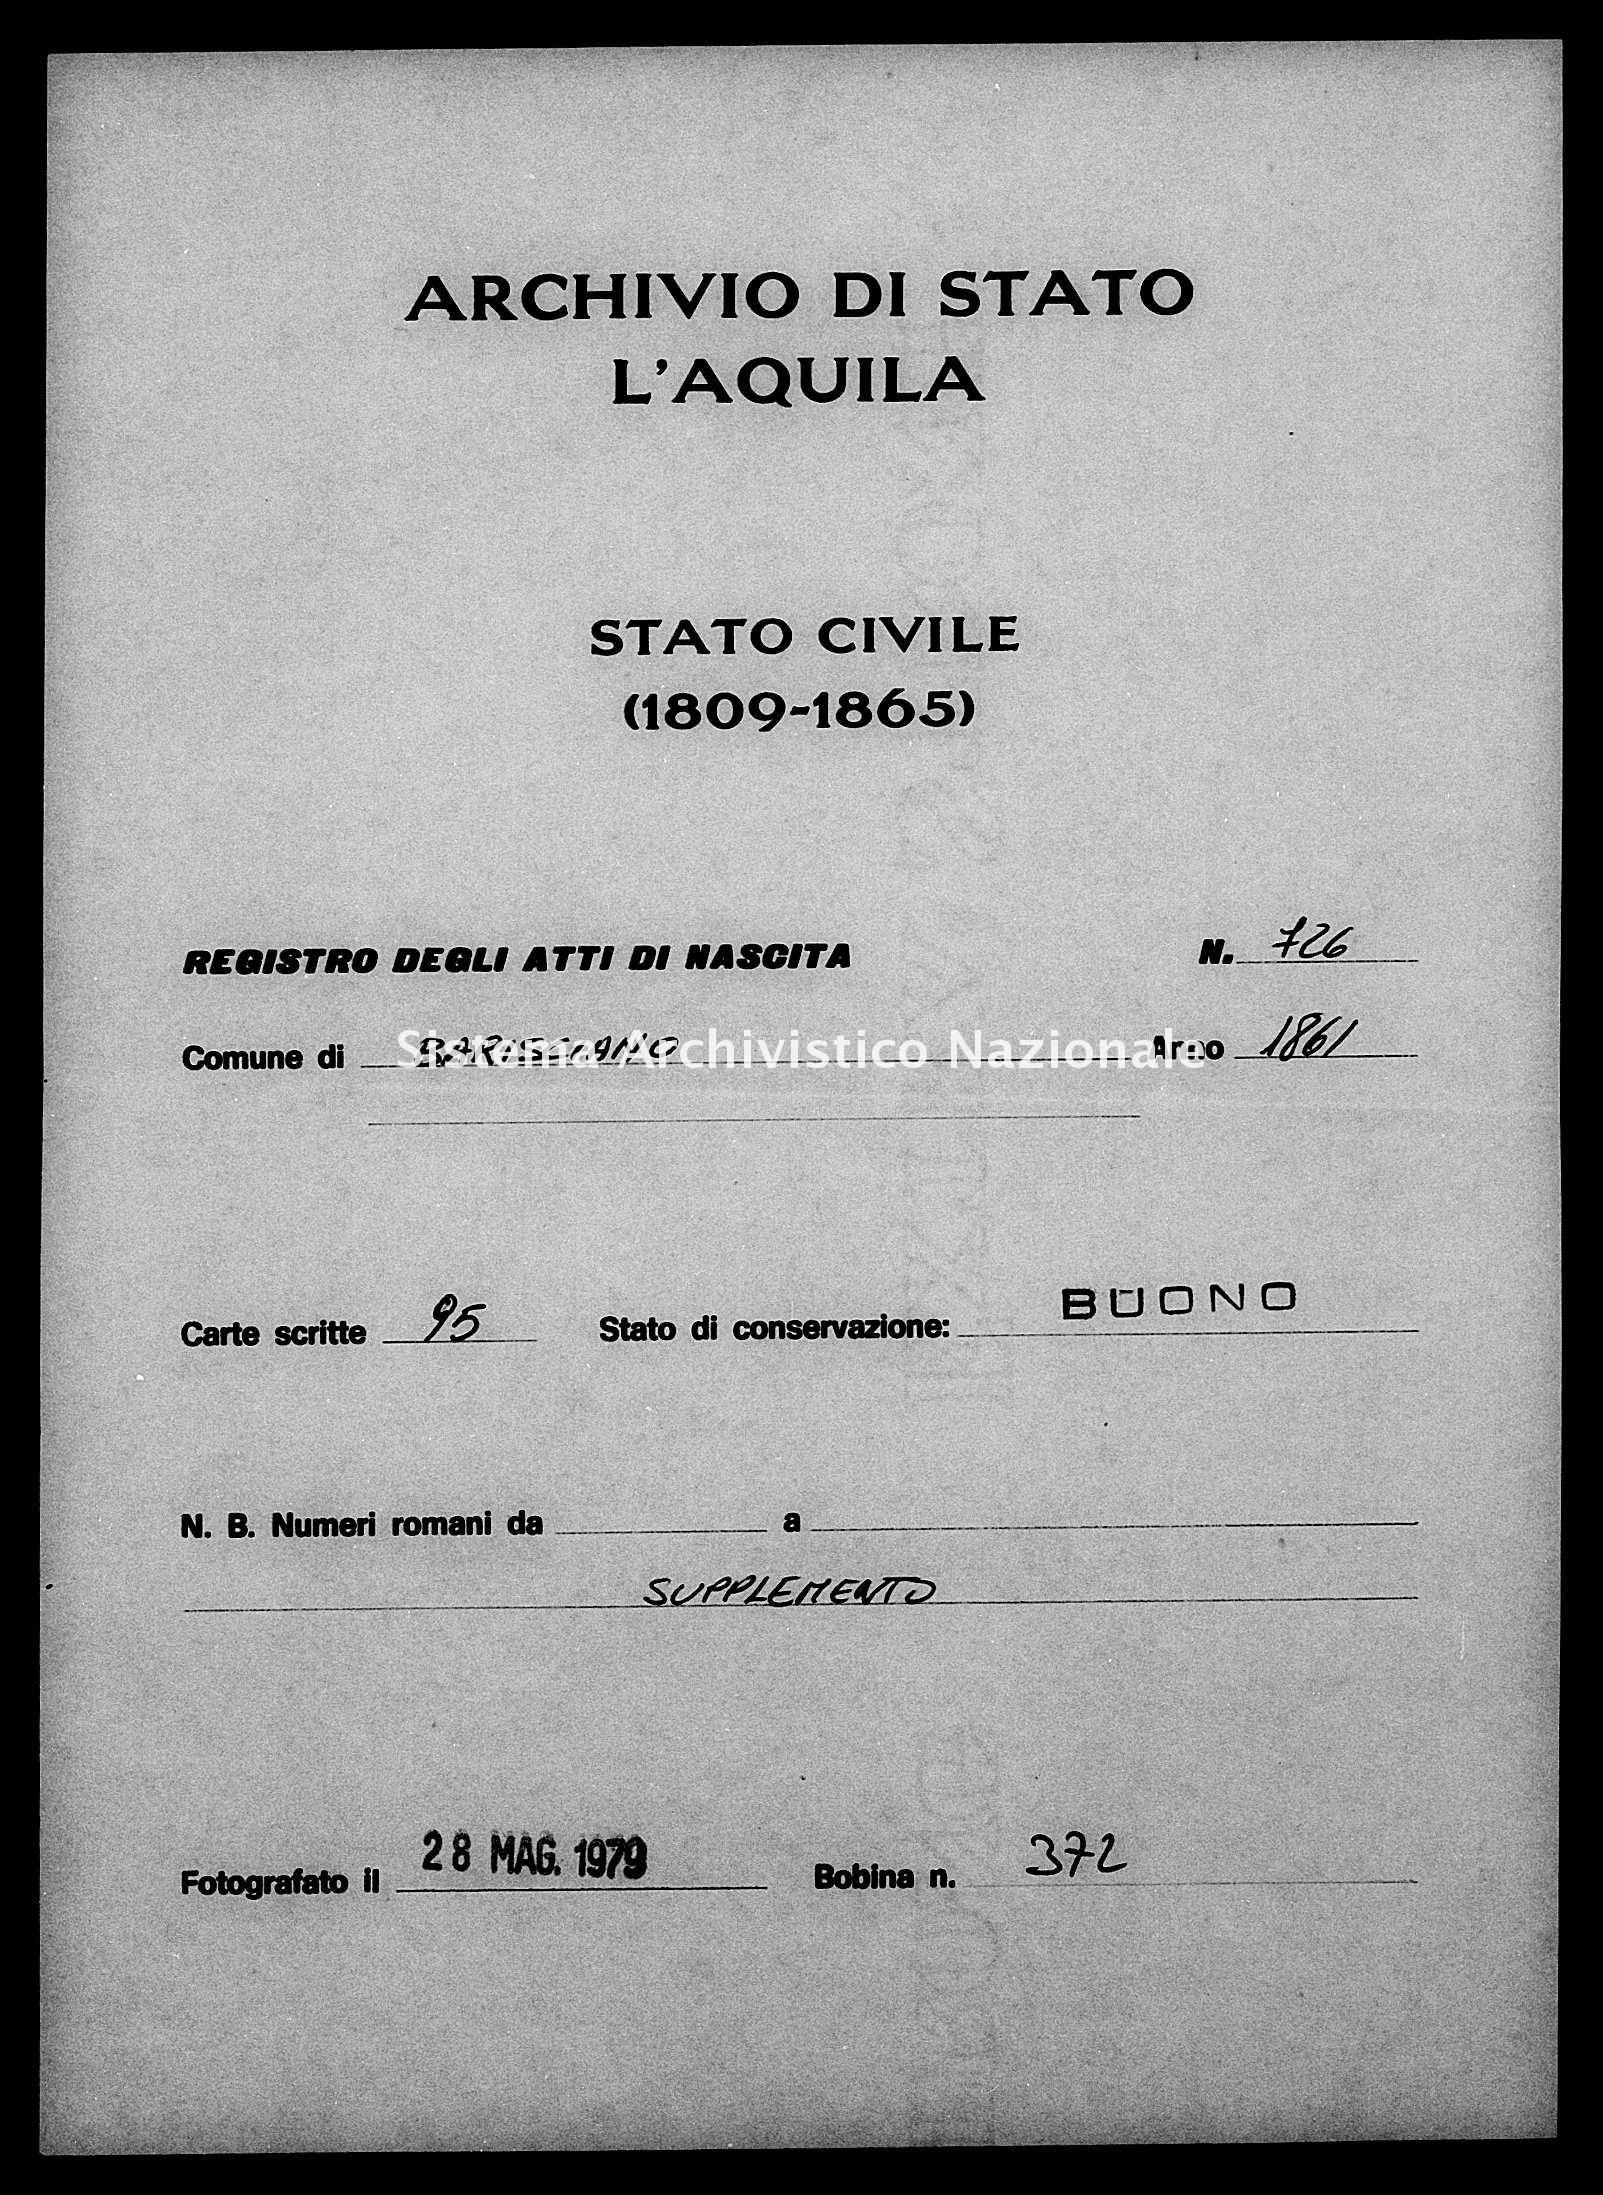 Archivio di stato di L'aquila - Stato civile italiano - Barisciano - Nati, battesimi - 1861 - 726 -